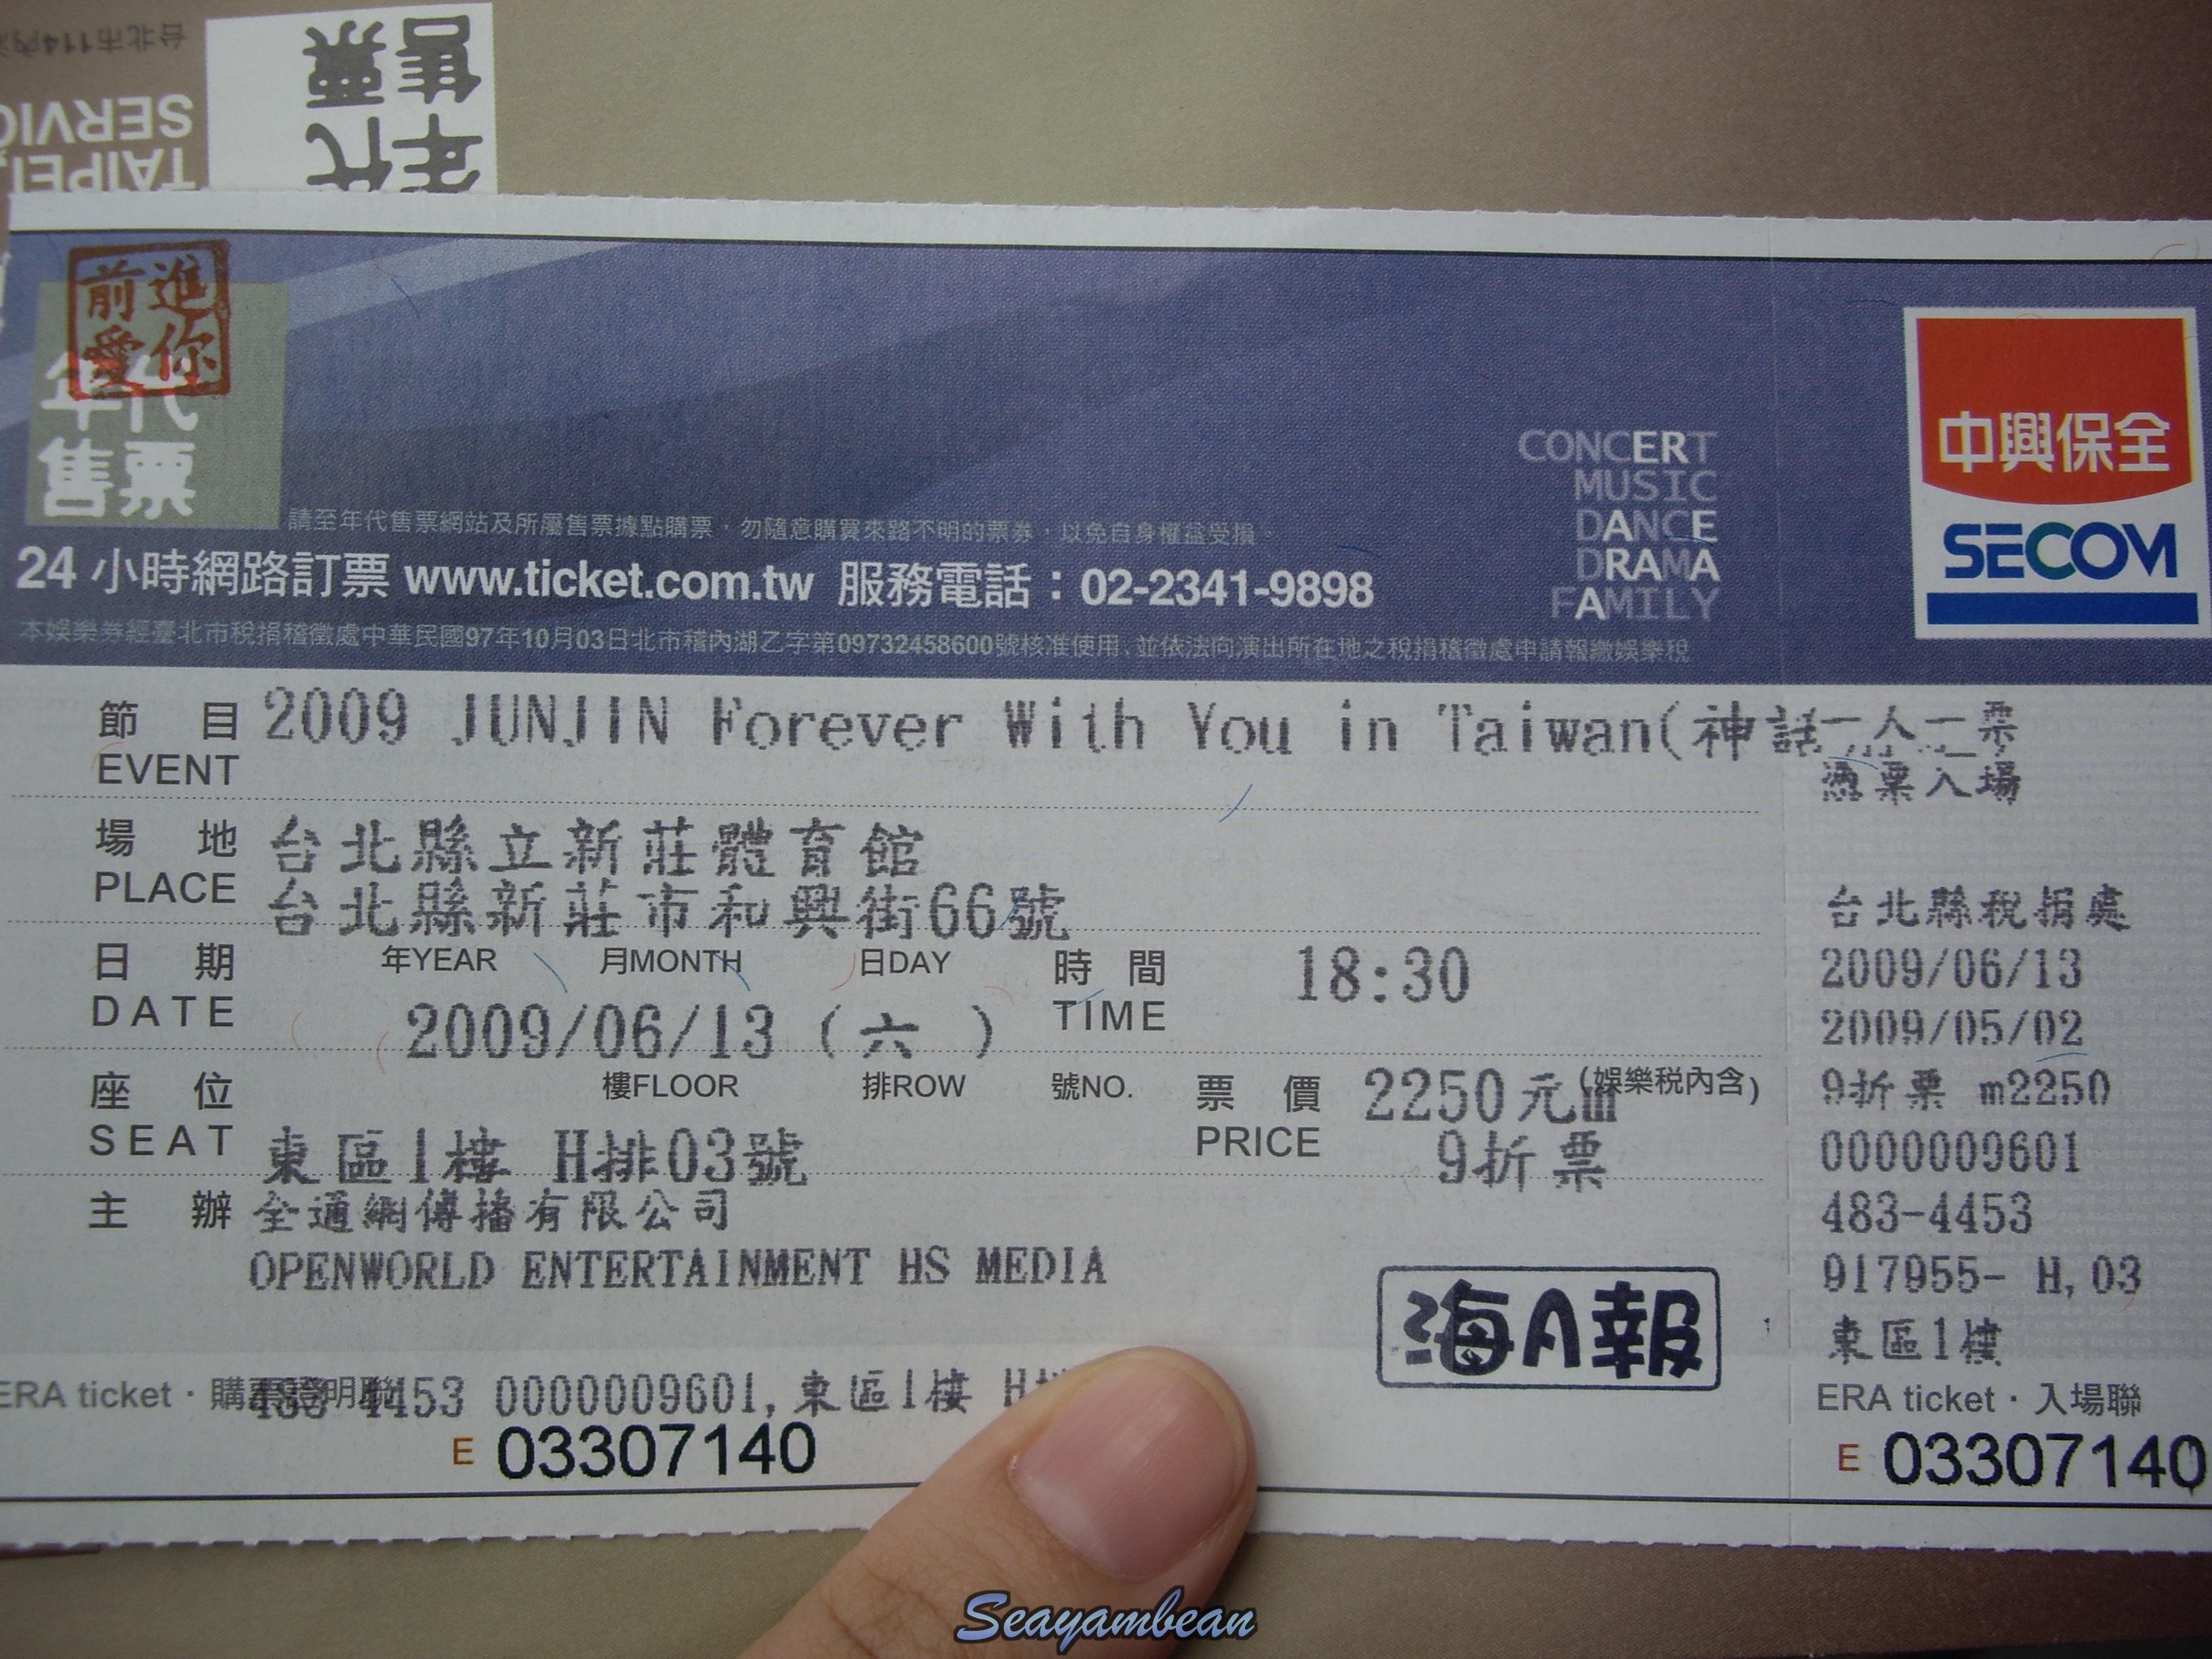 我的票.JPG